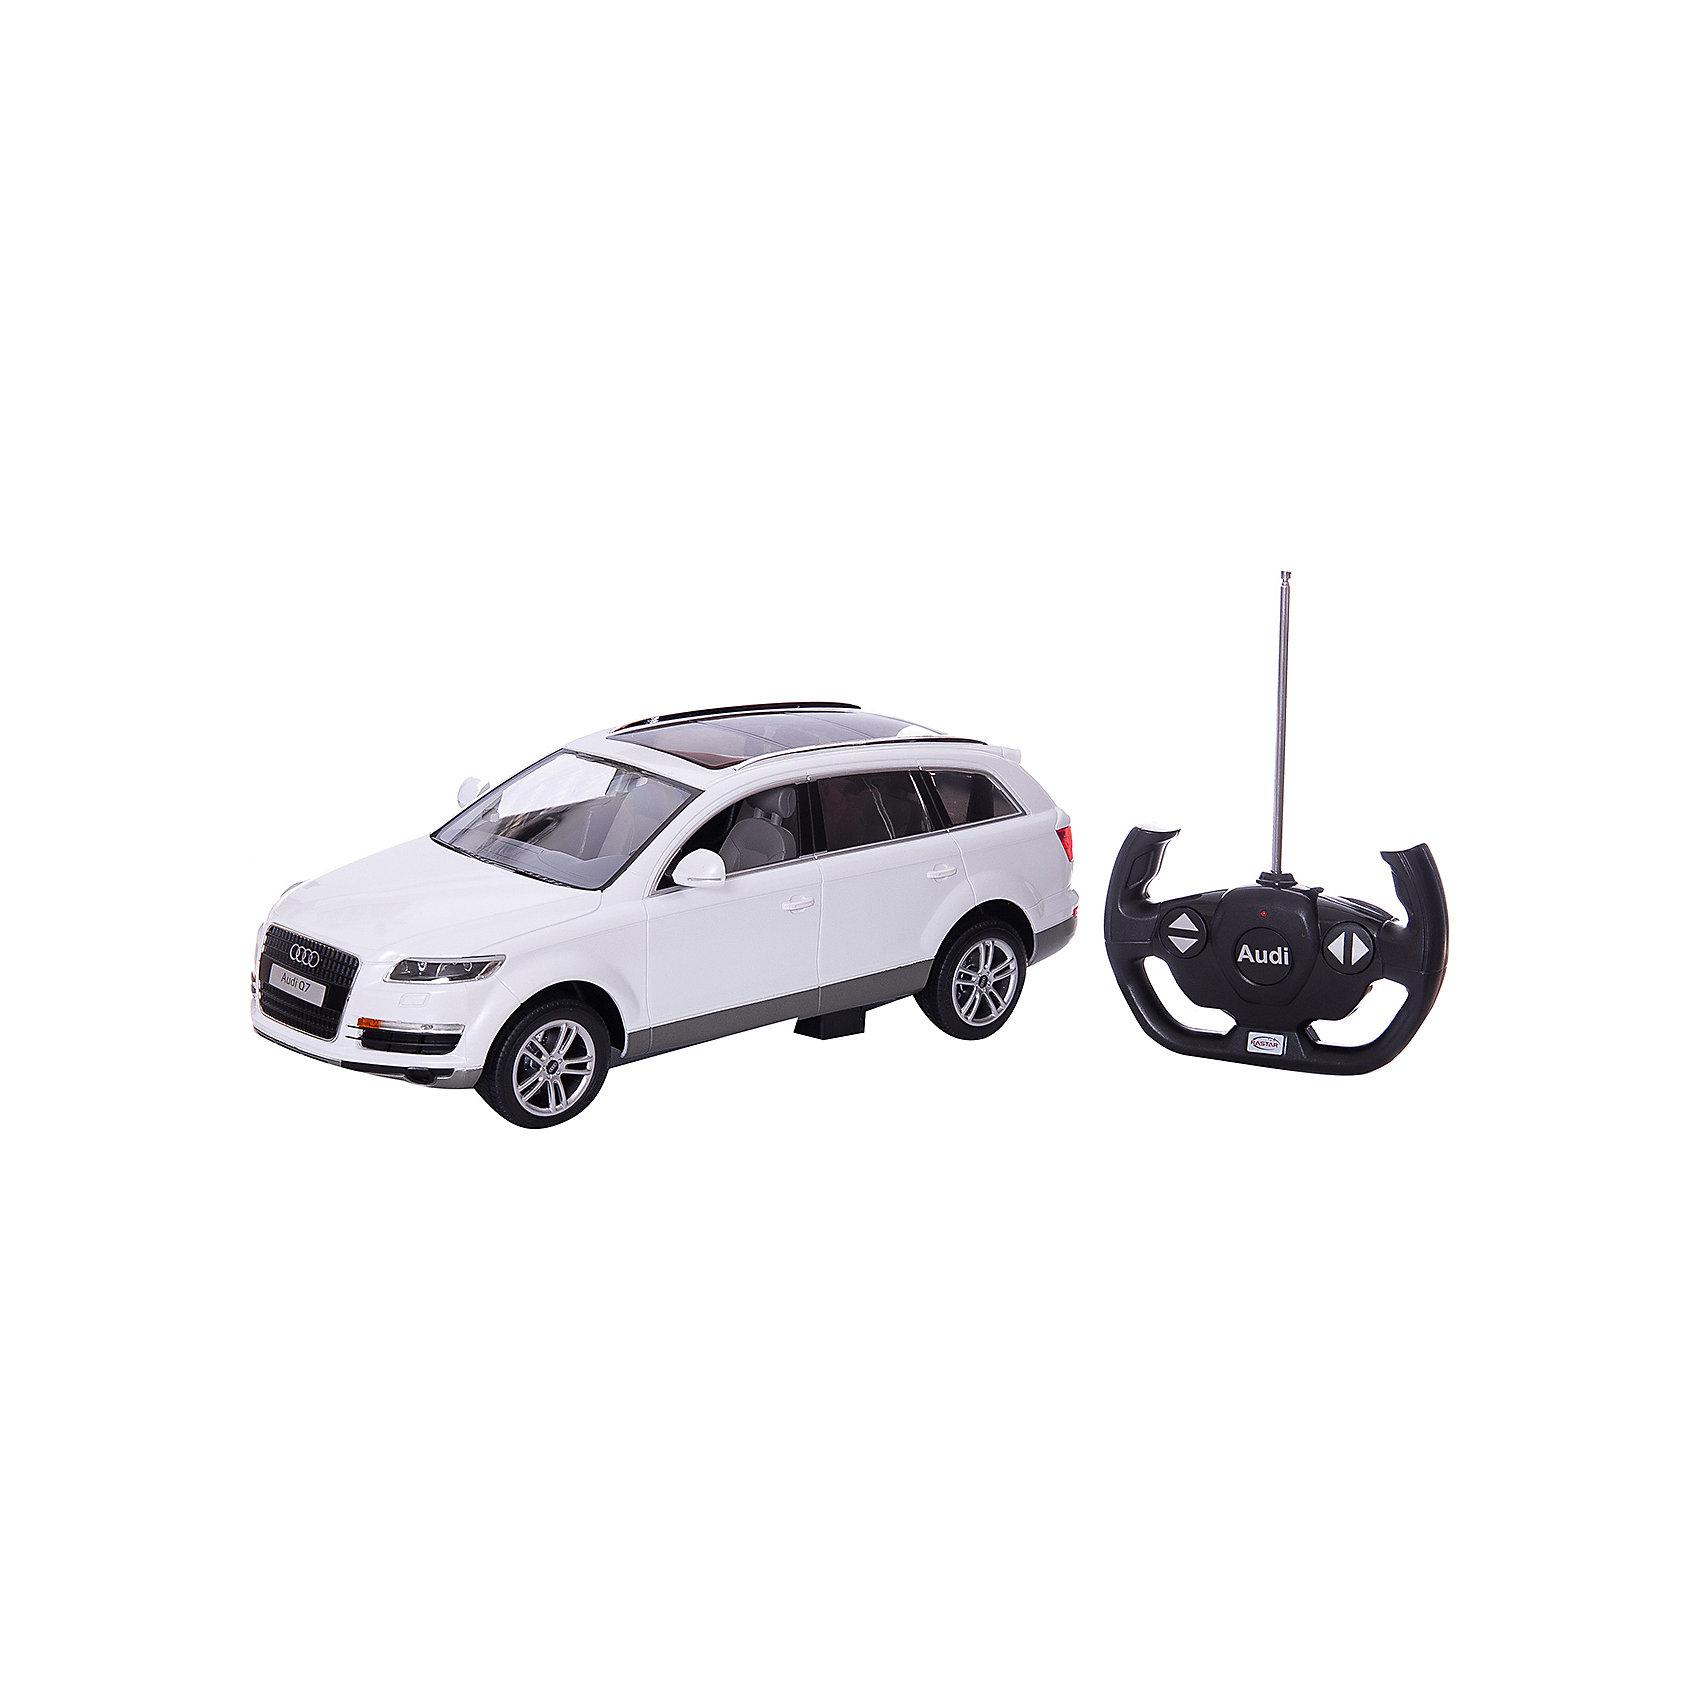 - RASTAR Радиоуправляемая машина Audi Q7 1:14 радиоуправляемая игрушка rastar audi q7 1 24 27300